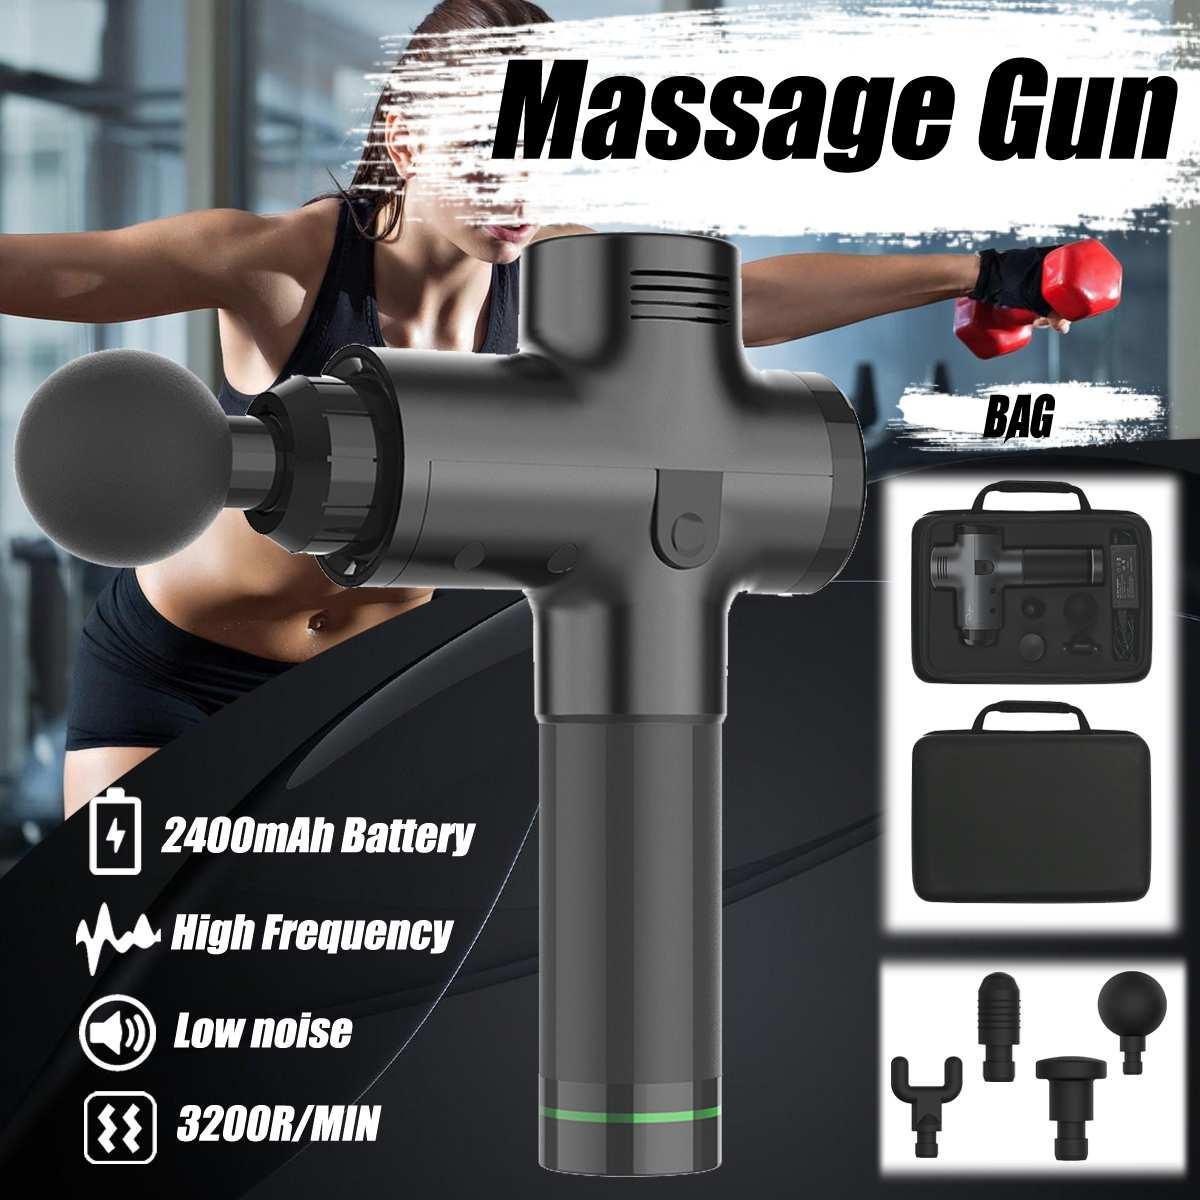 Pistolets de Massage des tissus masseur musculaire gestion de la douleur musculaire après l'entraînement exercice de Relaxation du corps minceur mise en forme soulagement